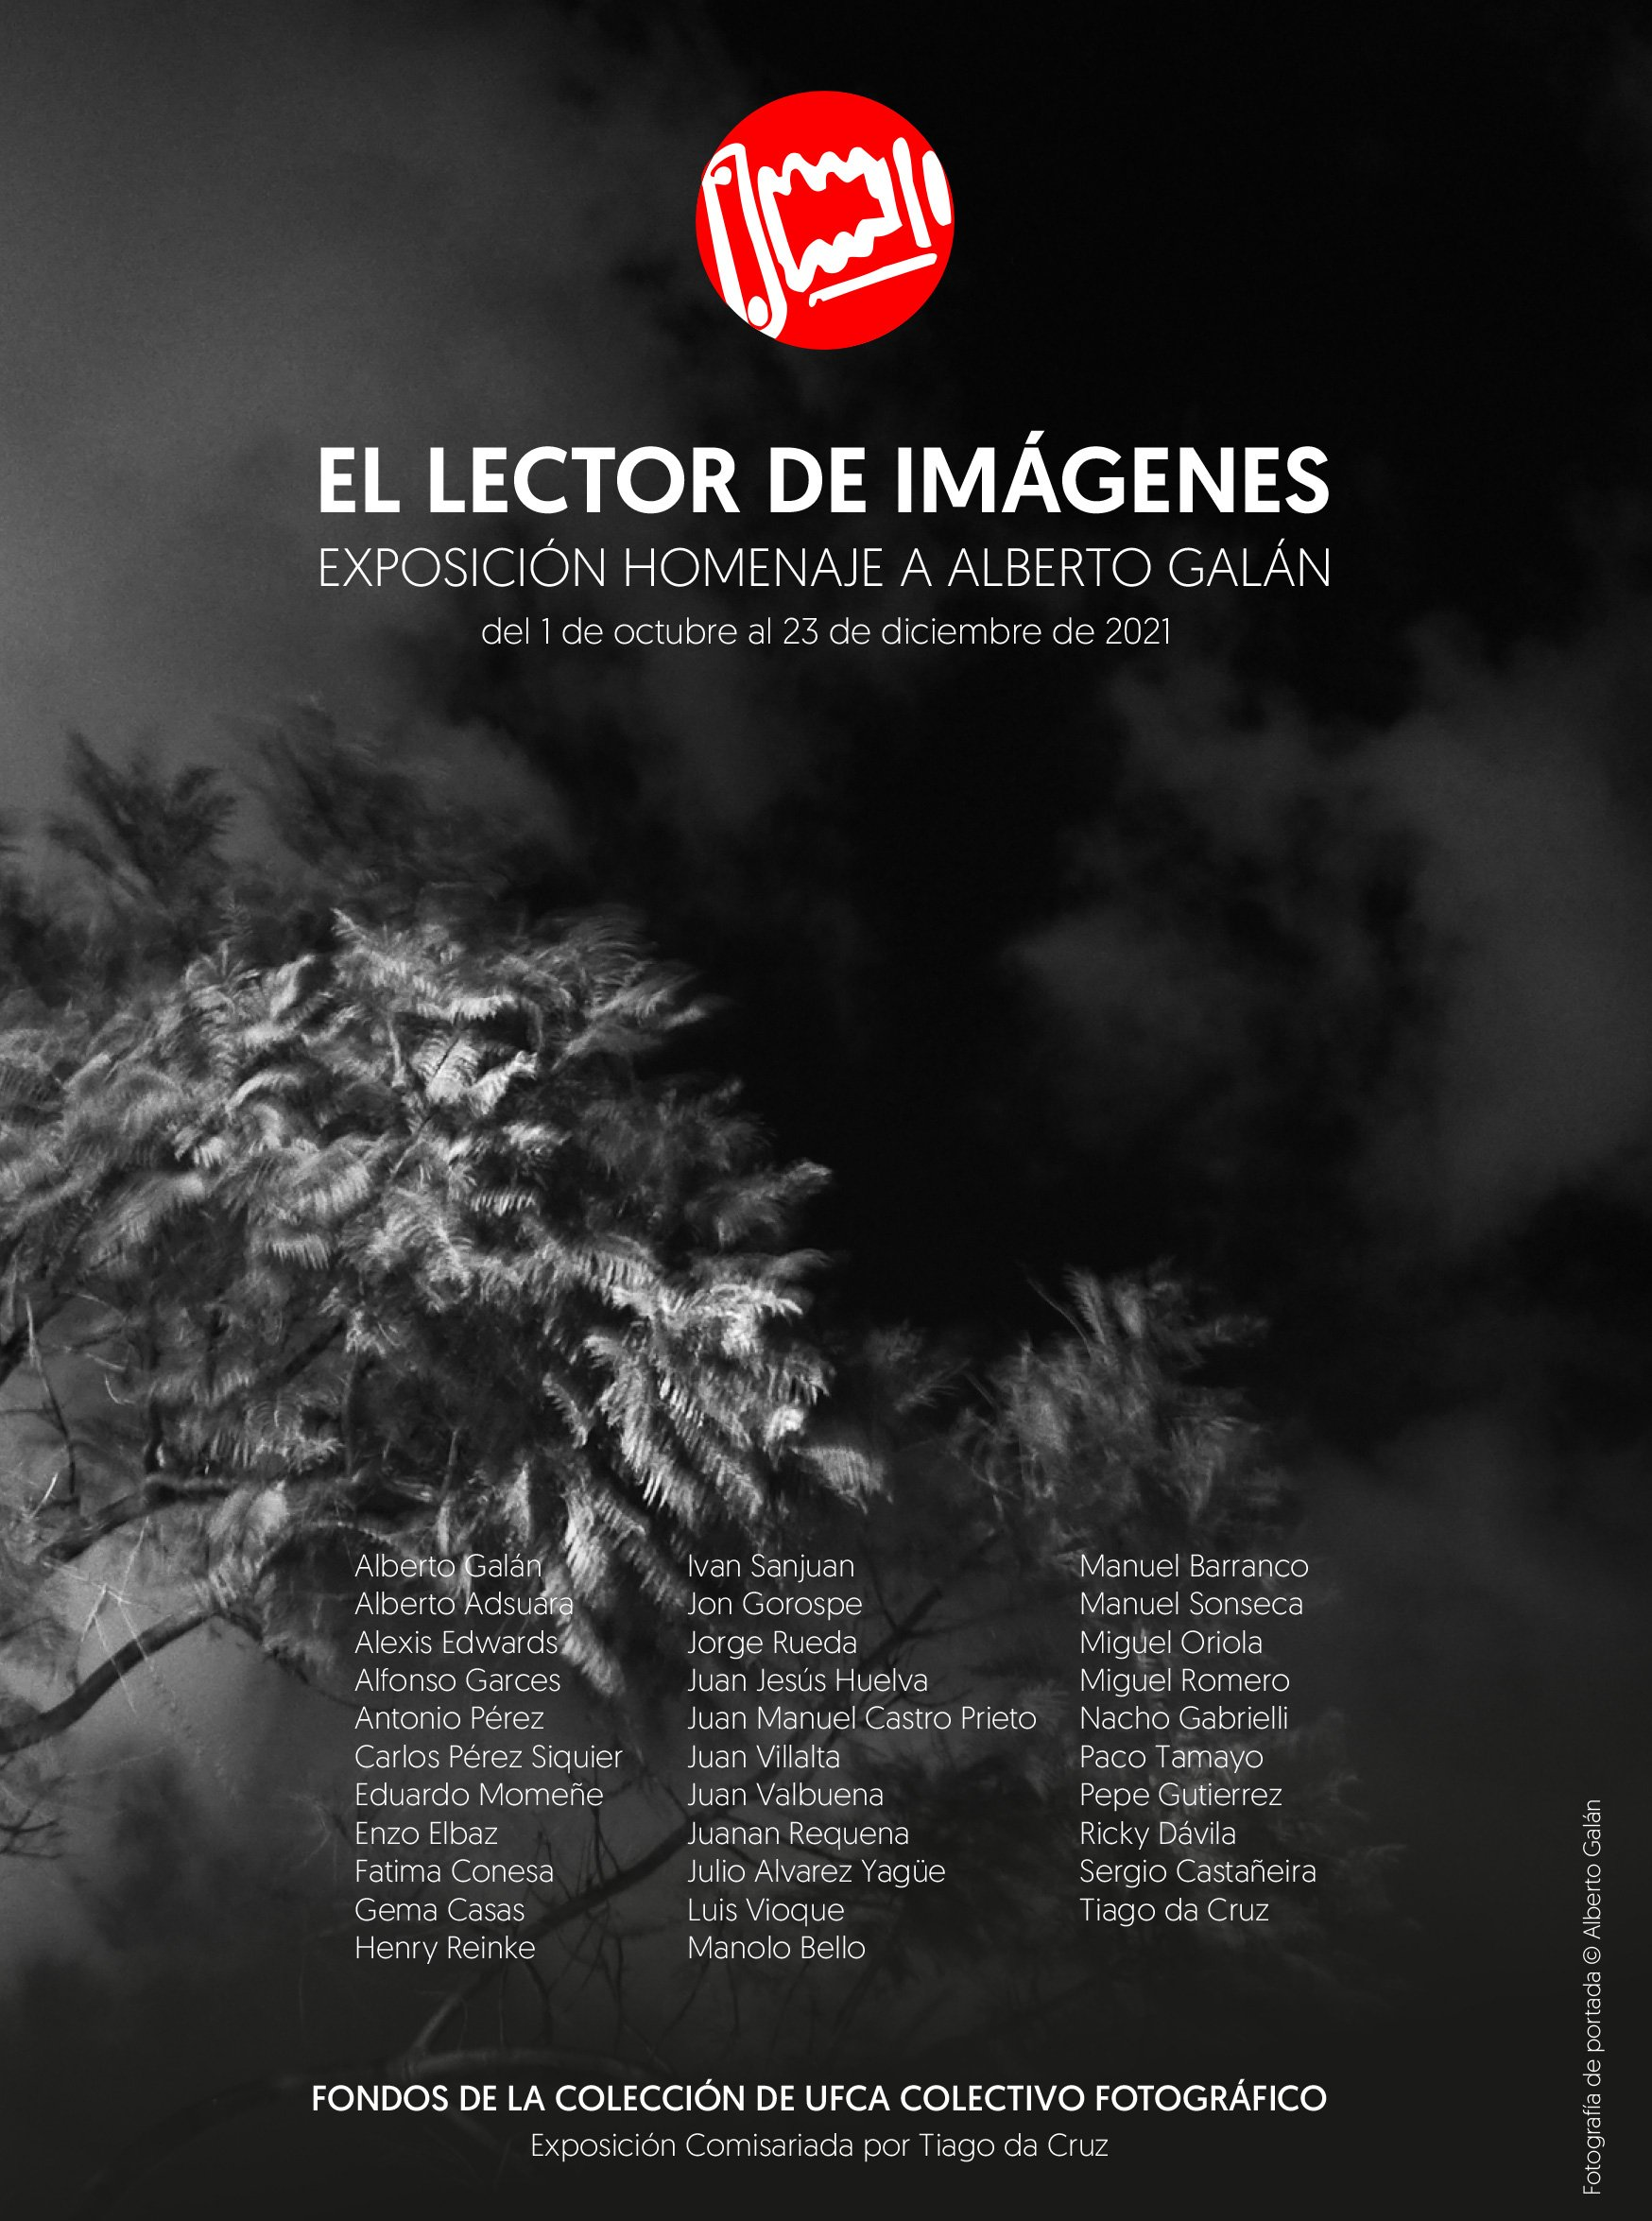 Expo-El-lector-de-imágenes-1